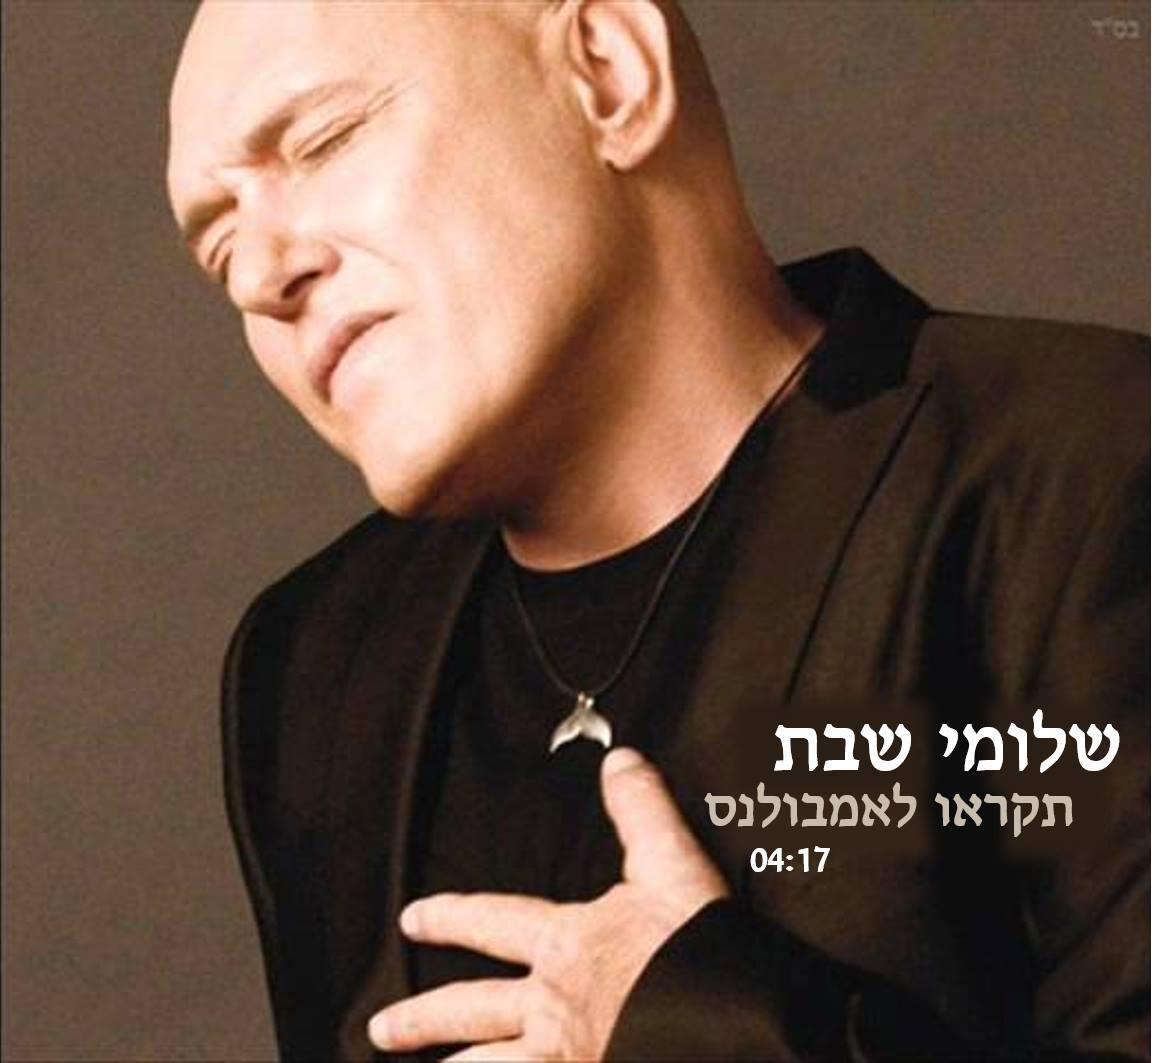 Yuda Golani